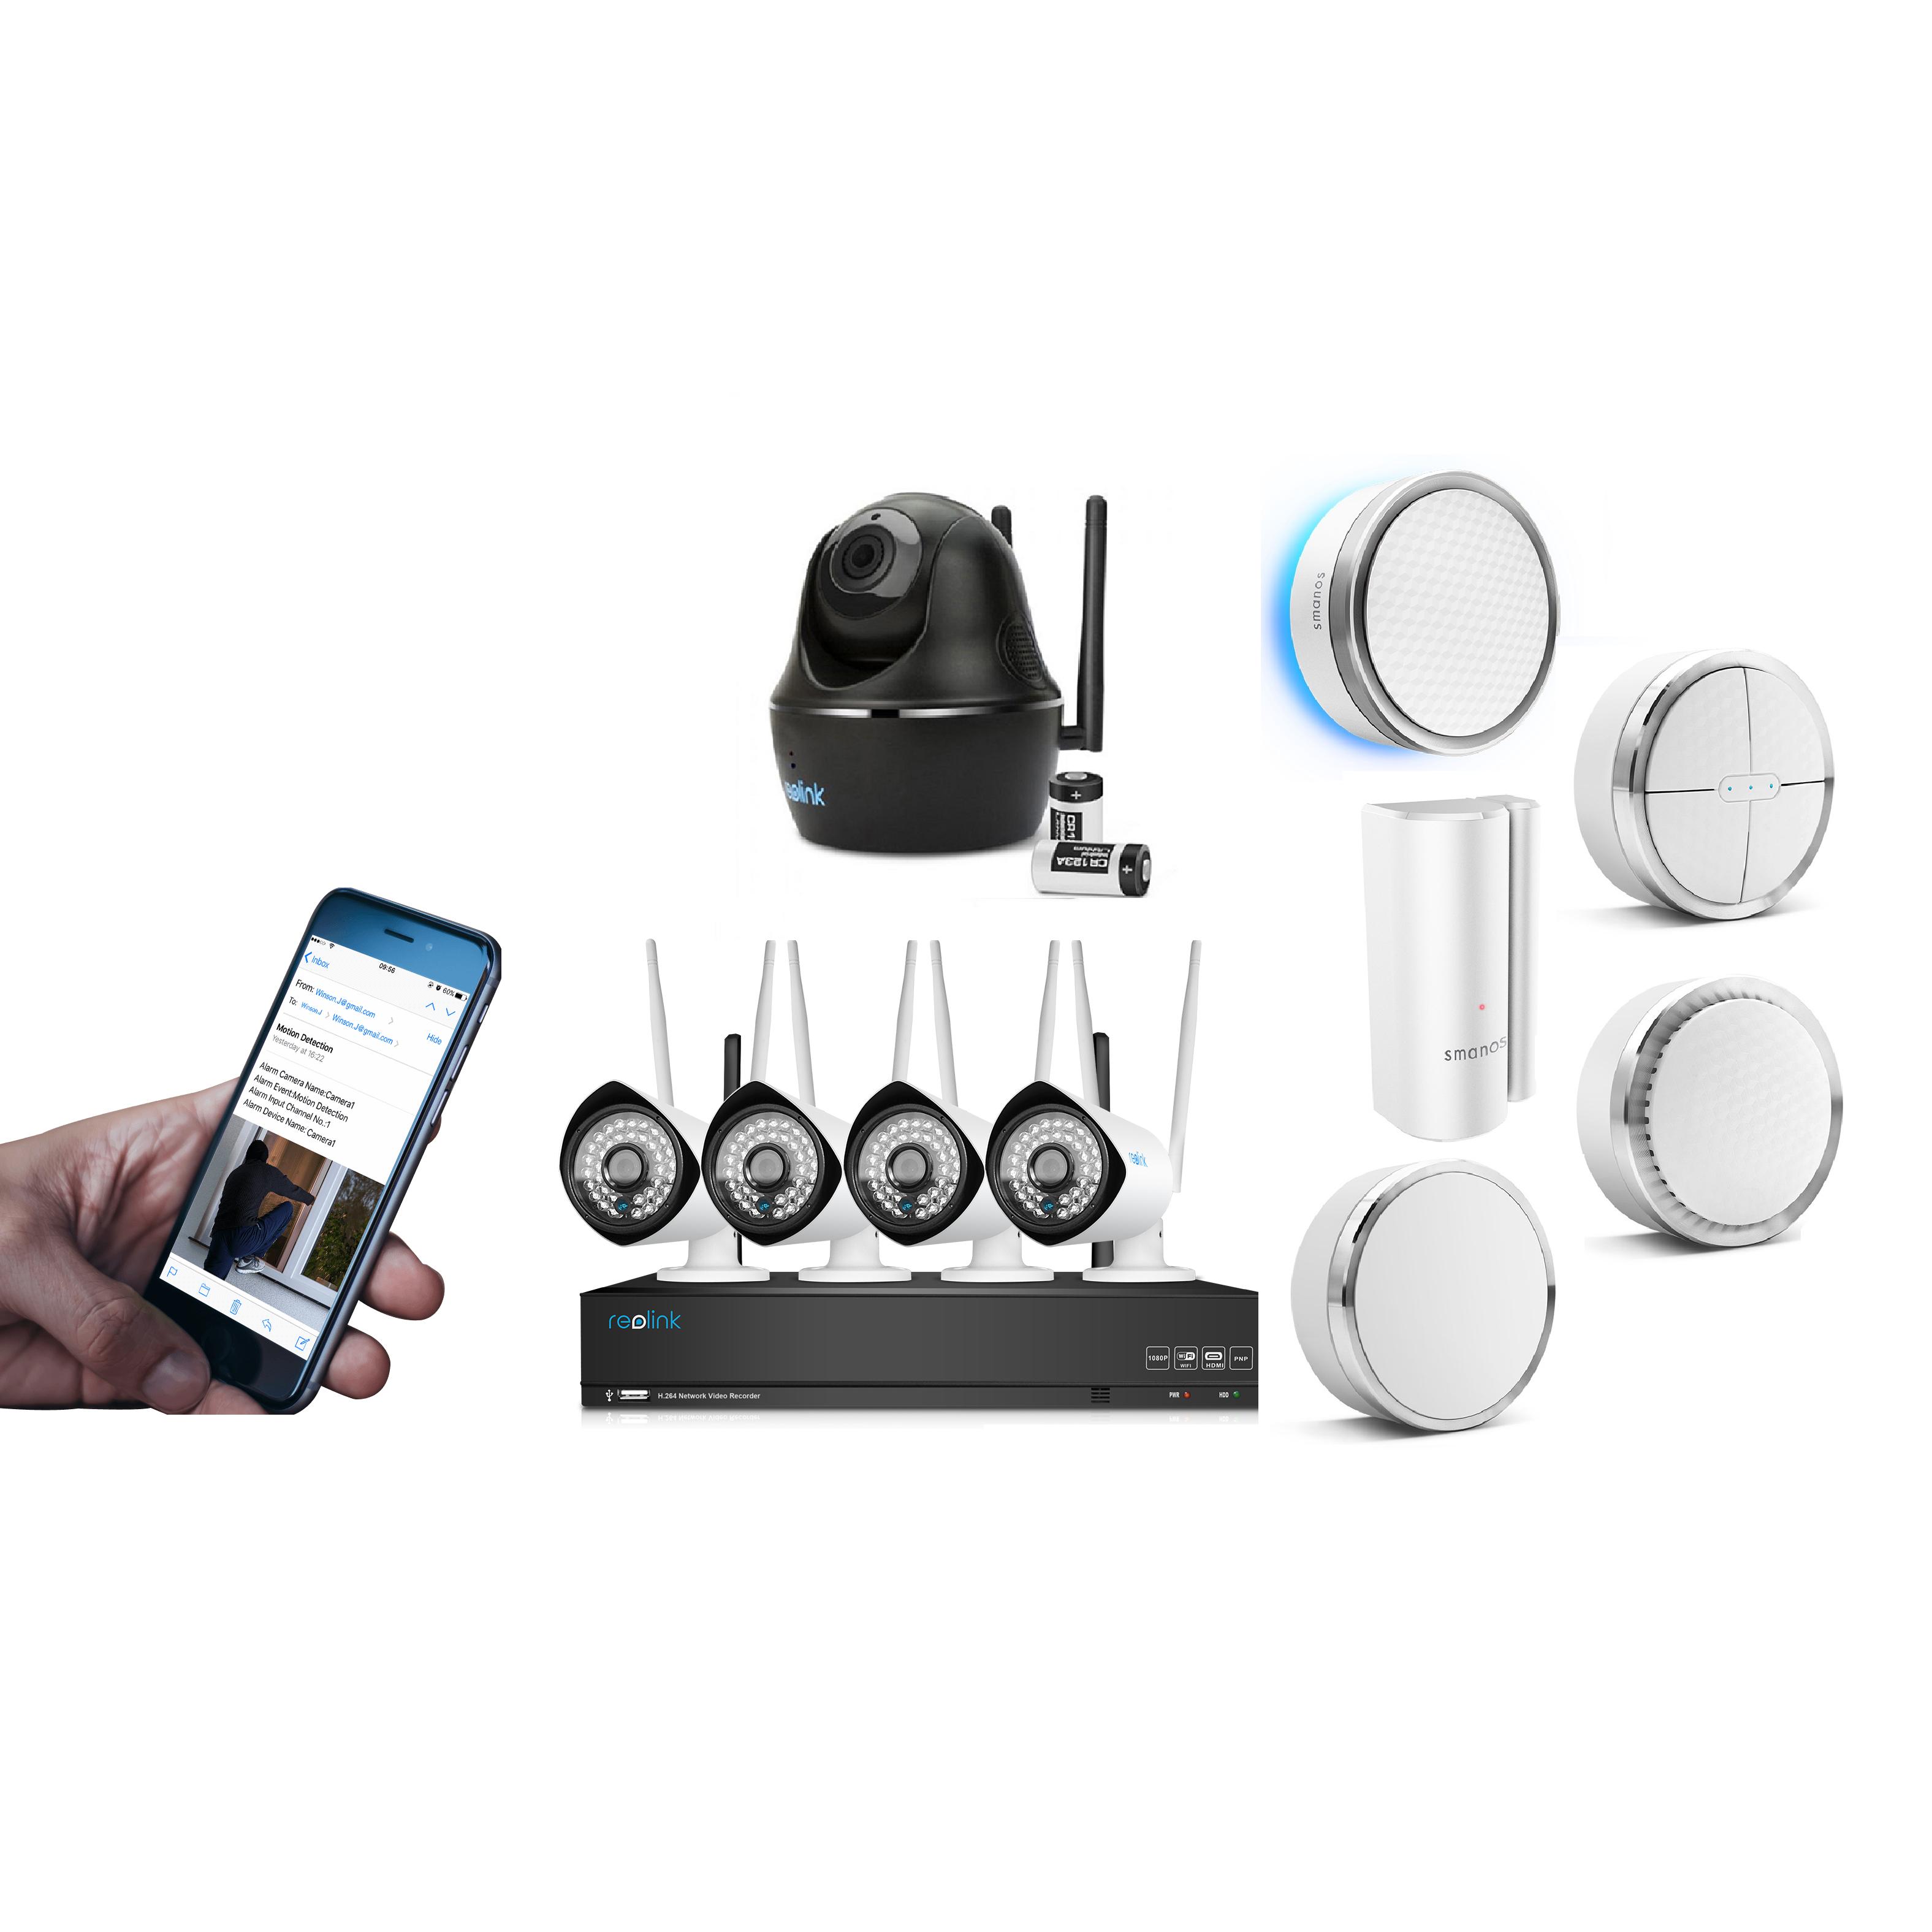 محصولات نظارتی امنیتی فوسکم